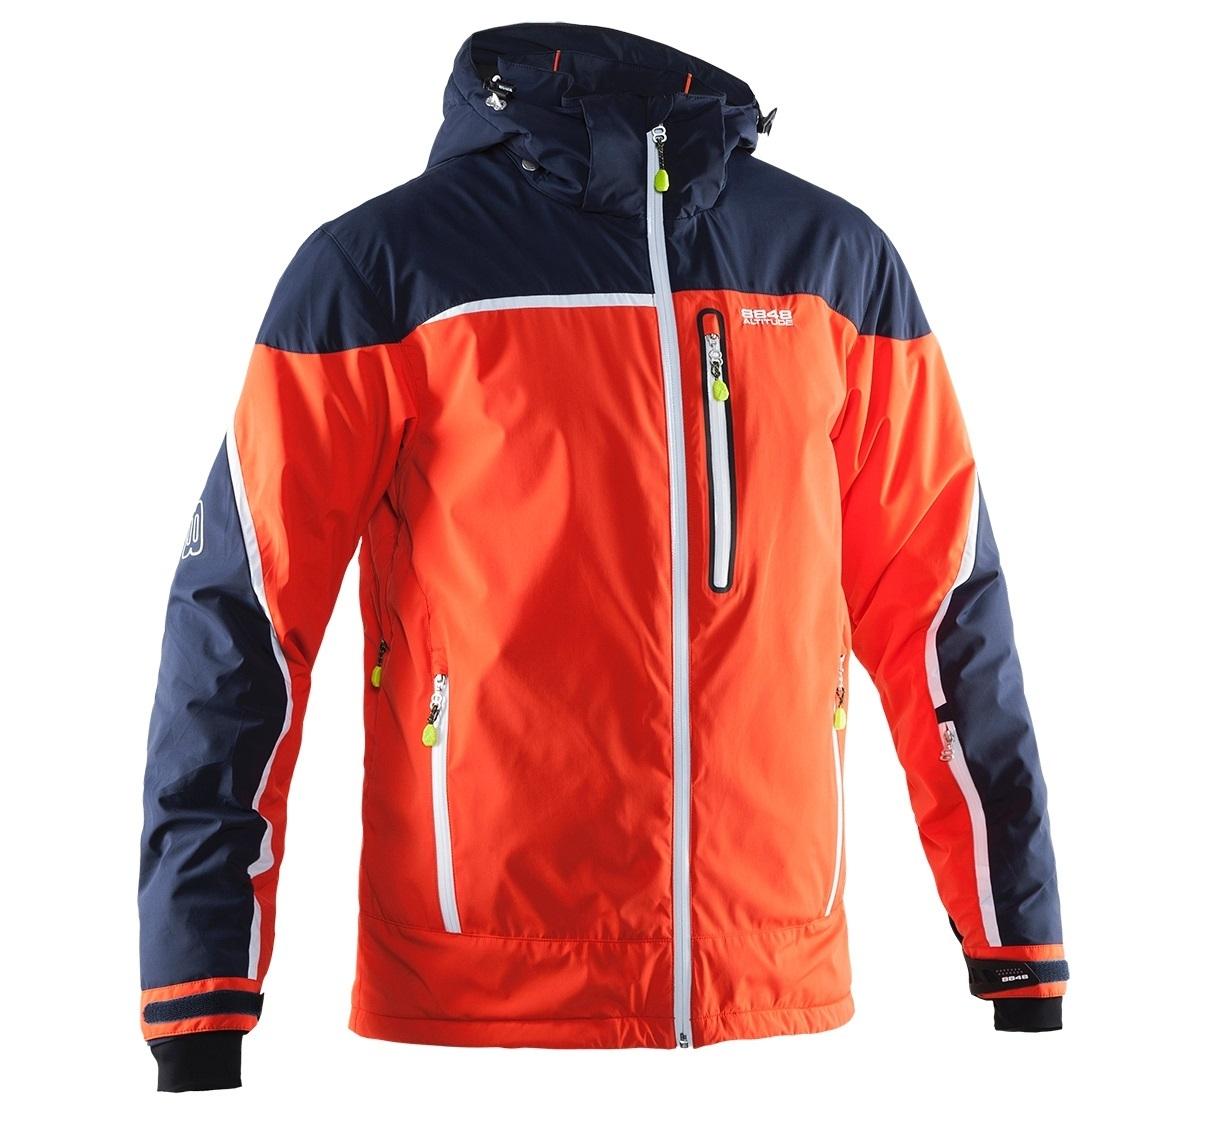 Мужская горнолыжная куртка 8848 Altitude Iron Softshell (7018G1)